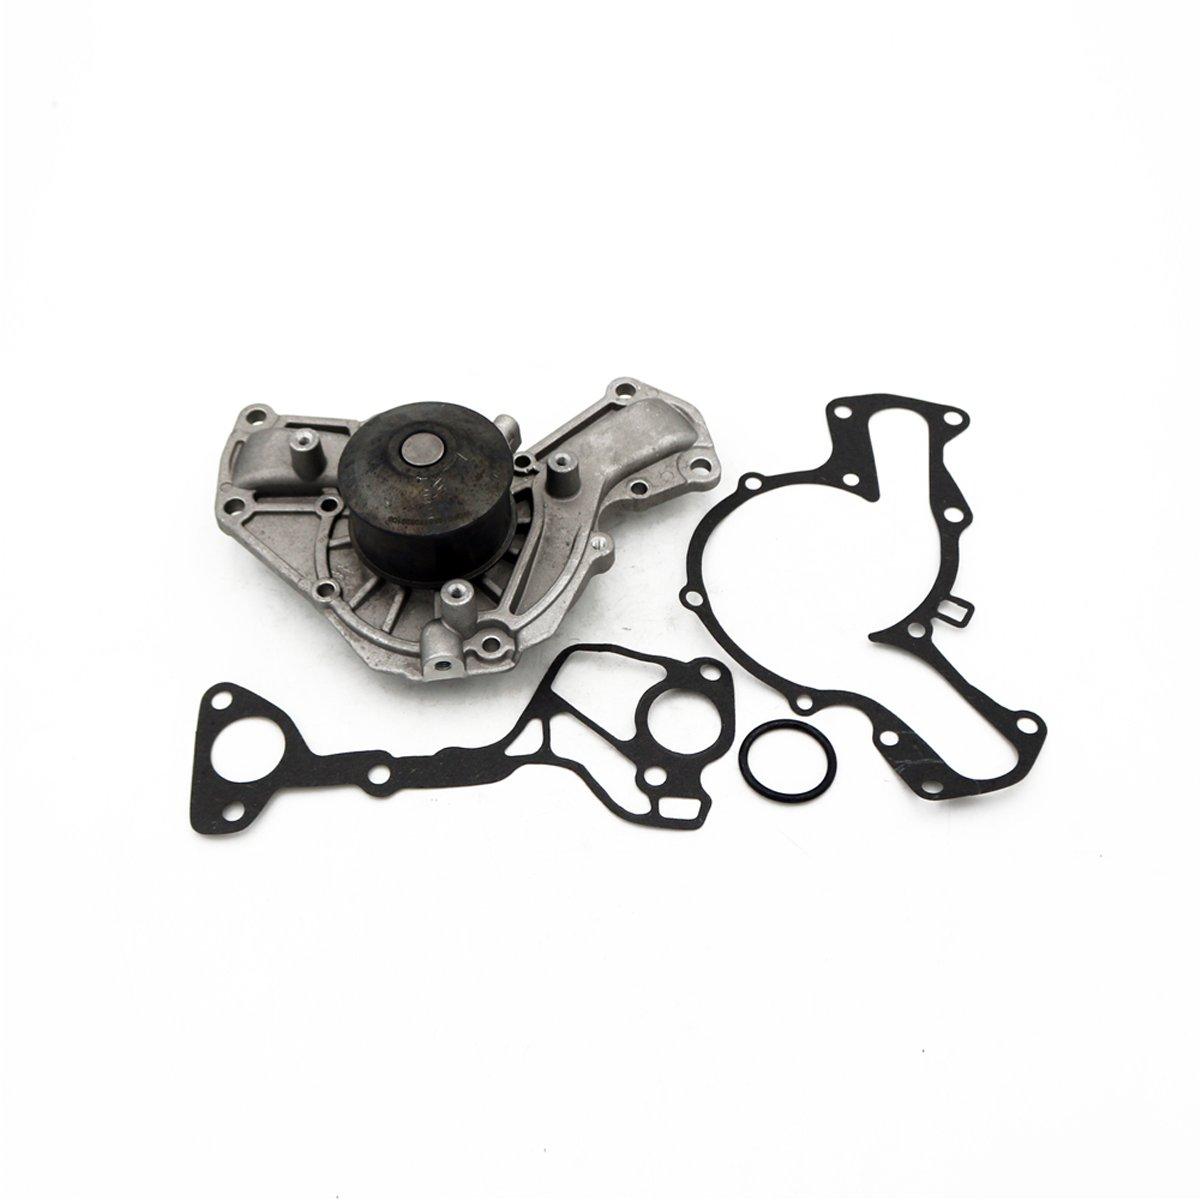 WQ Fits 91-99 Mitsusbishi 3000GT Dodge Stealth 3.0L Timing Belt Water Pump Kit TBK195 WP148-1500 T66258 VC5014